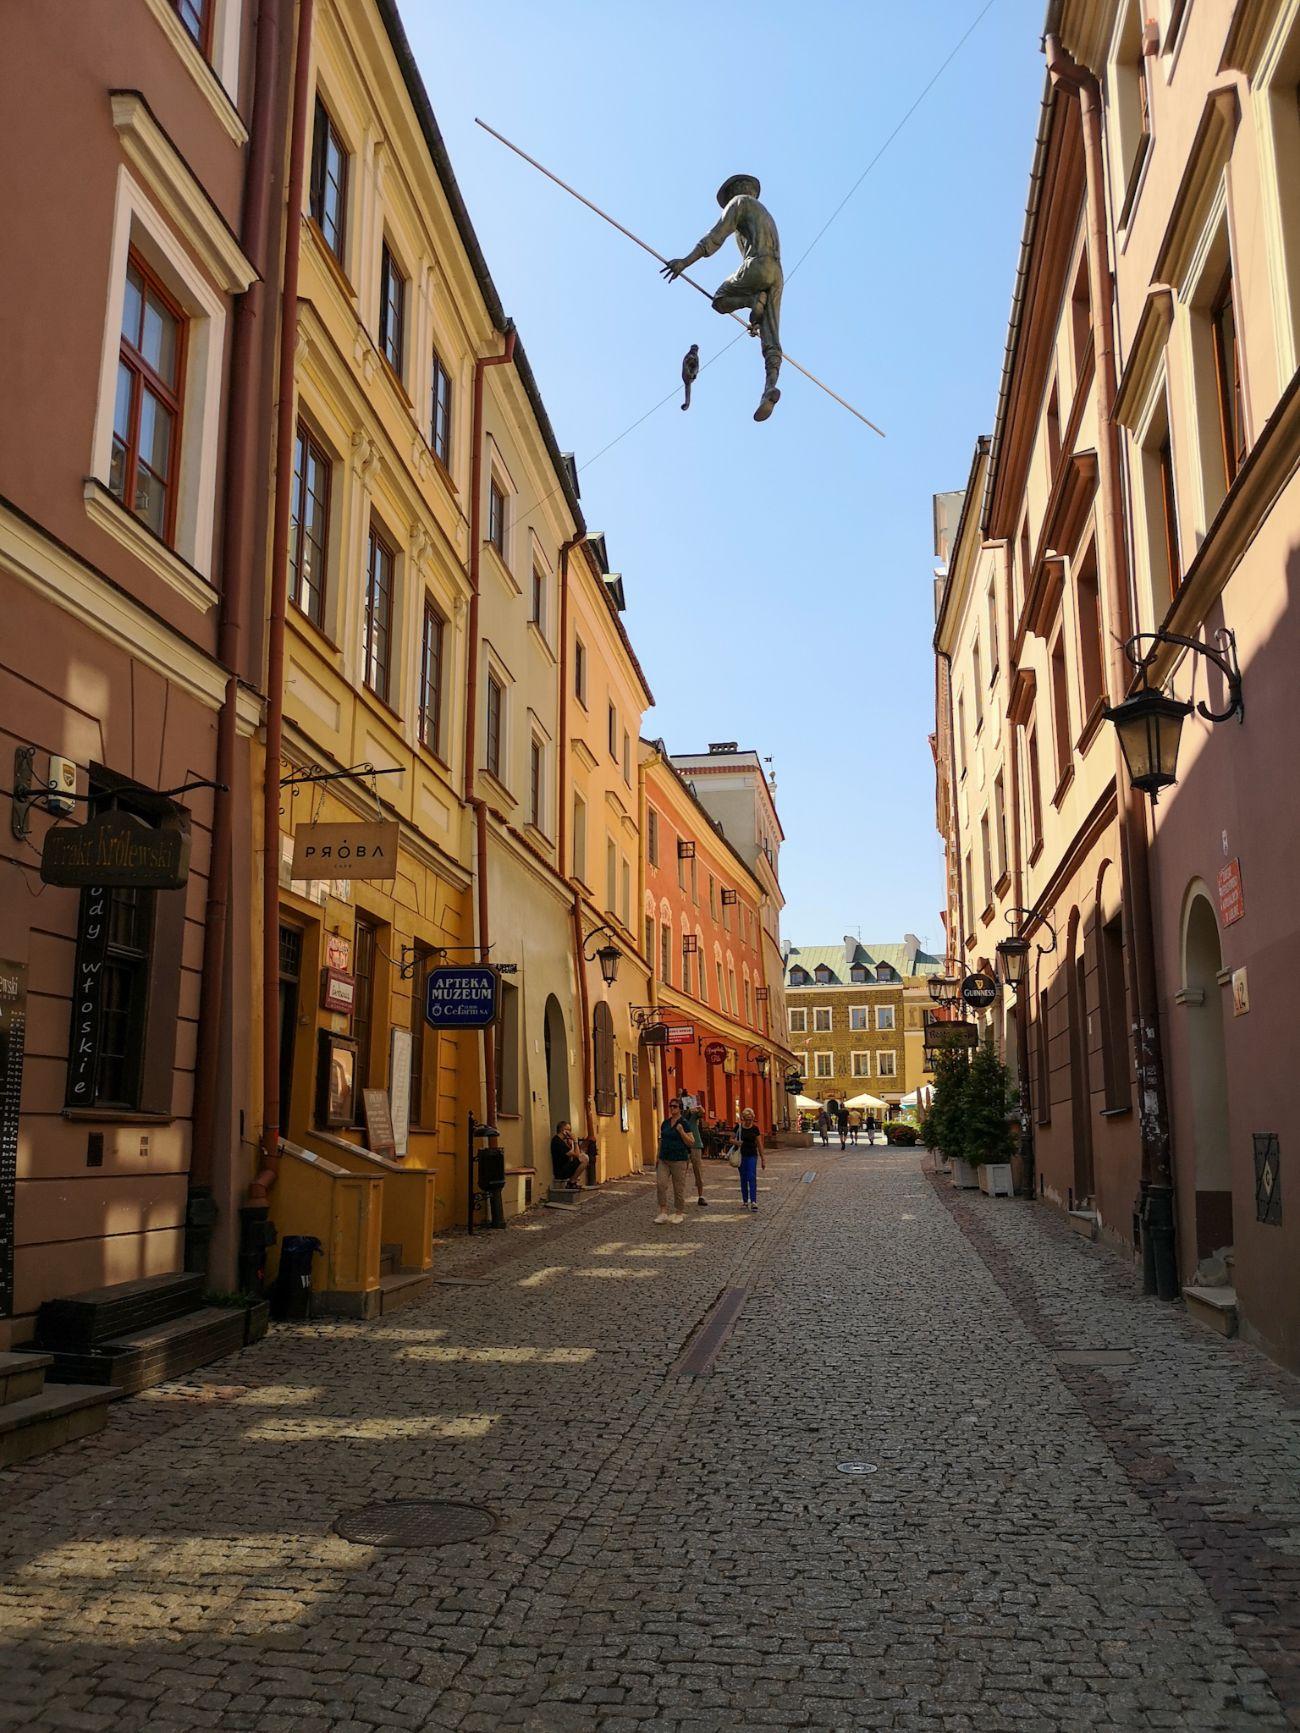 ulice starego miasta w lublinie co zwiedzić sztukmistrz z lublina